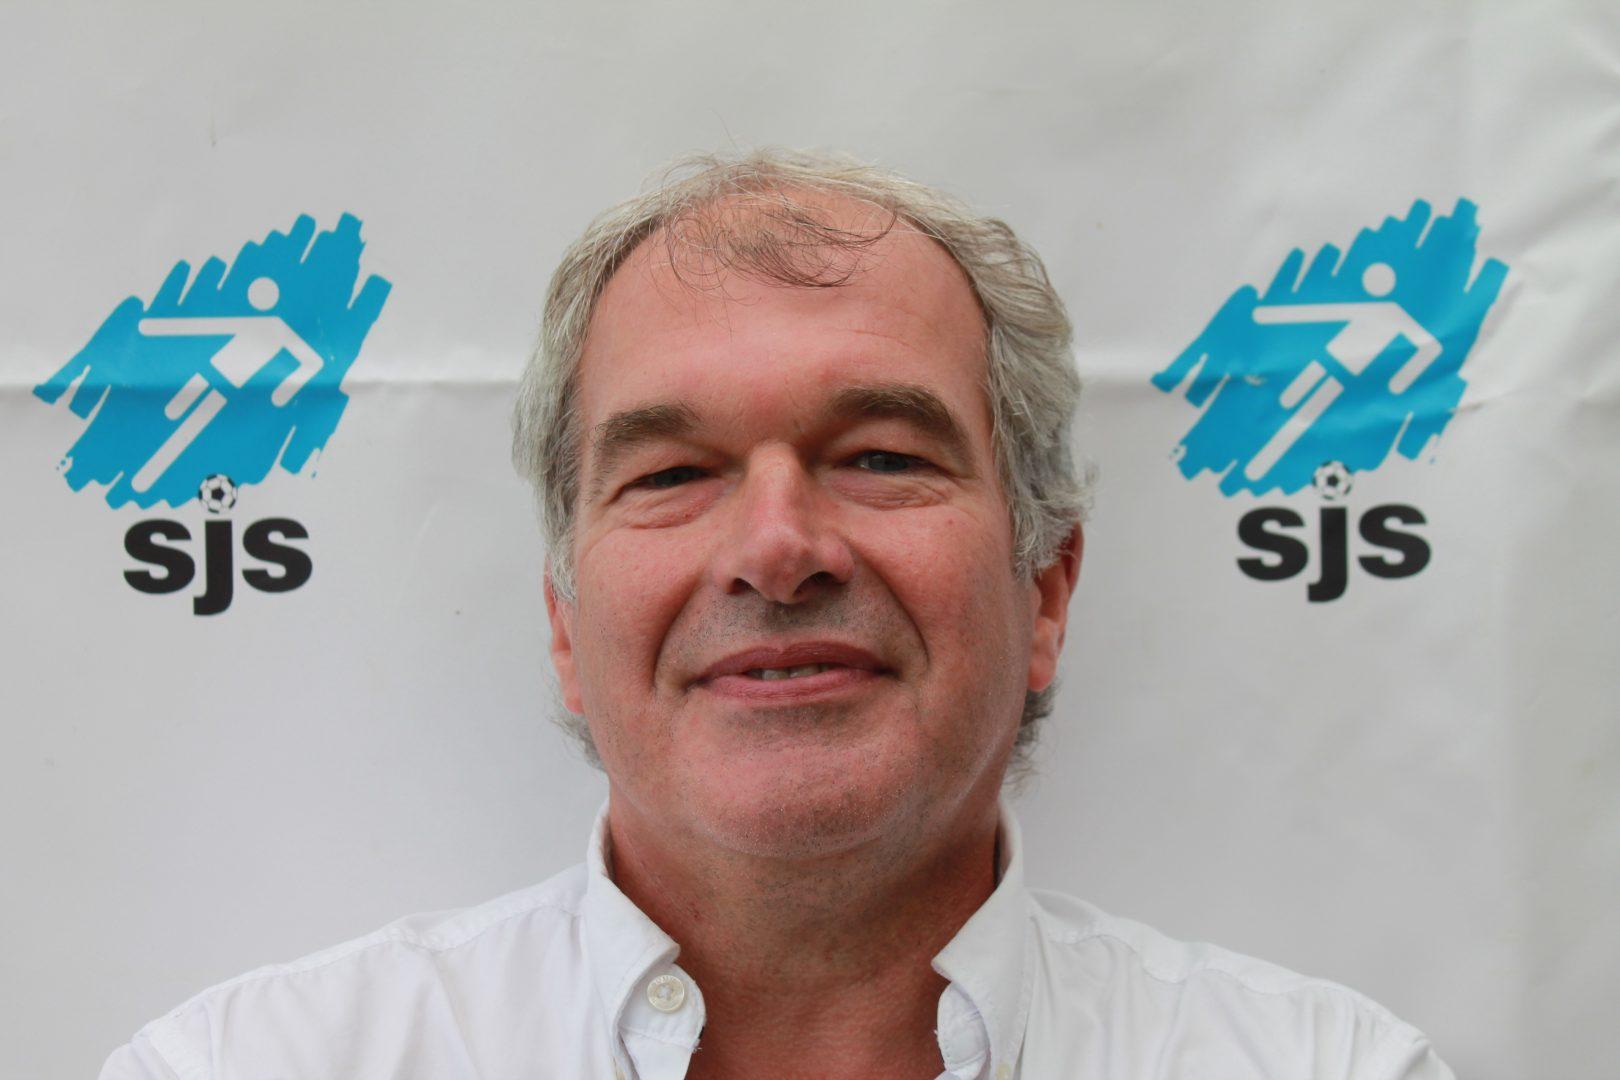 Simon Schaap